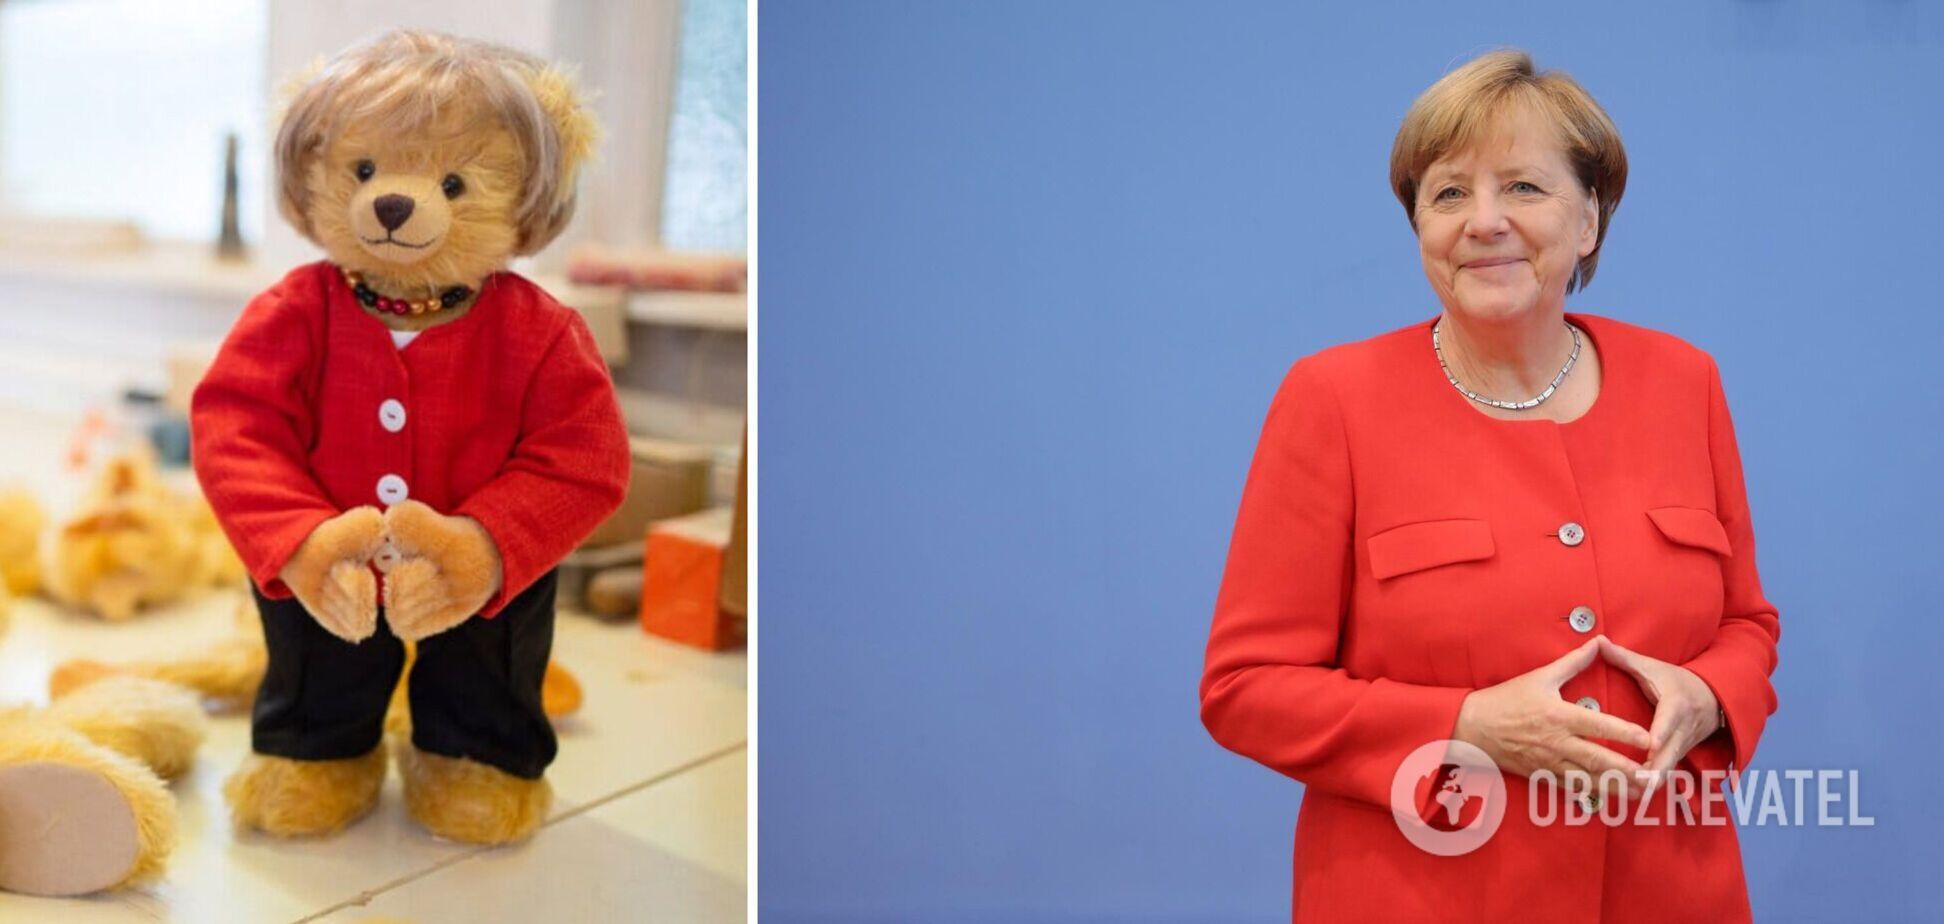 В Германии выпустили партию похожих на Меркель плюшевых медведей. Фото